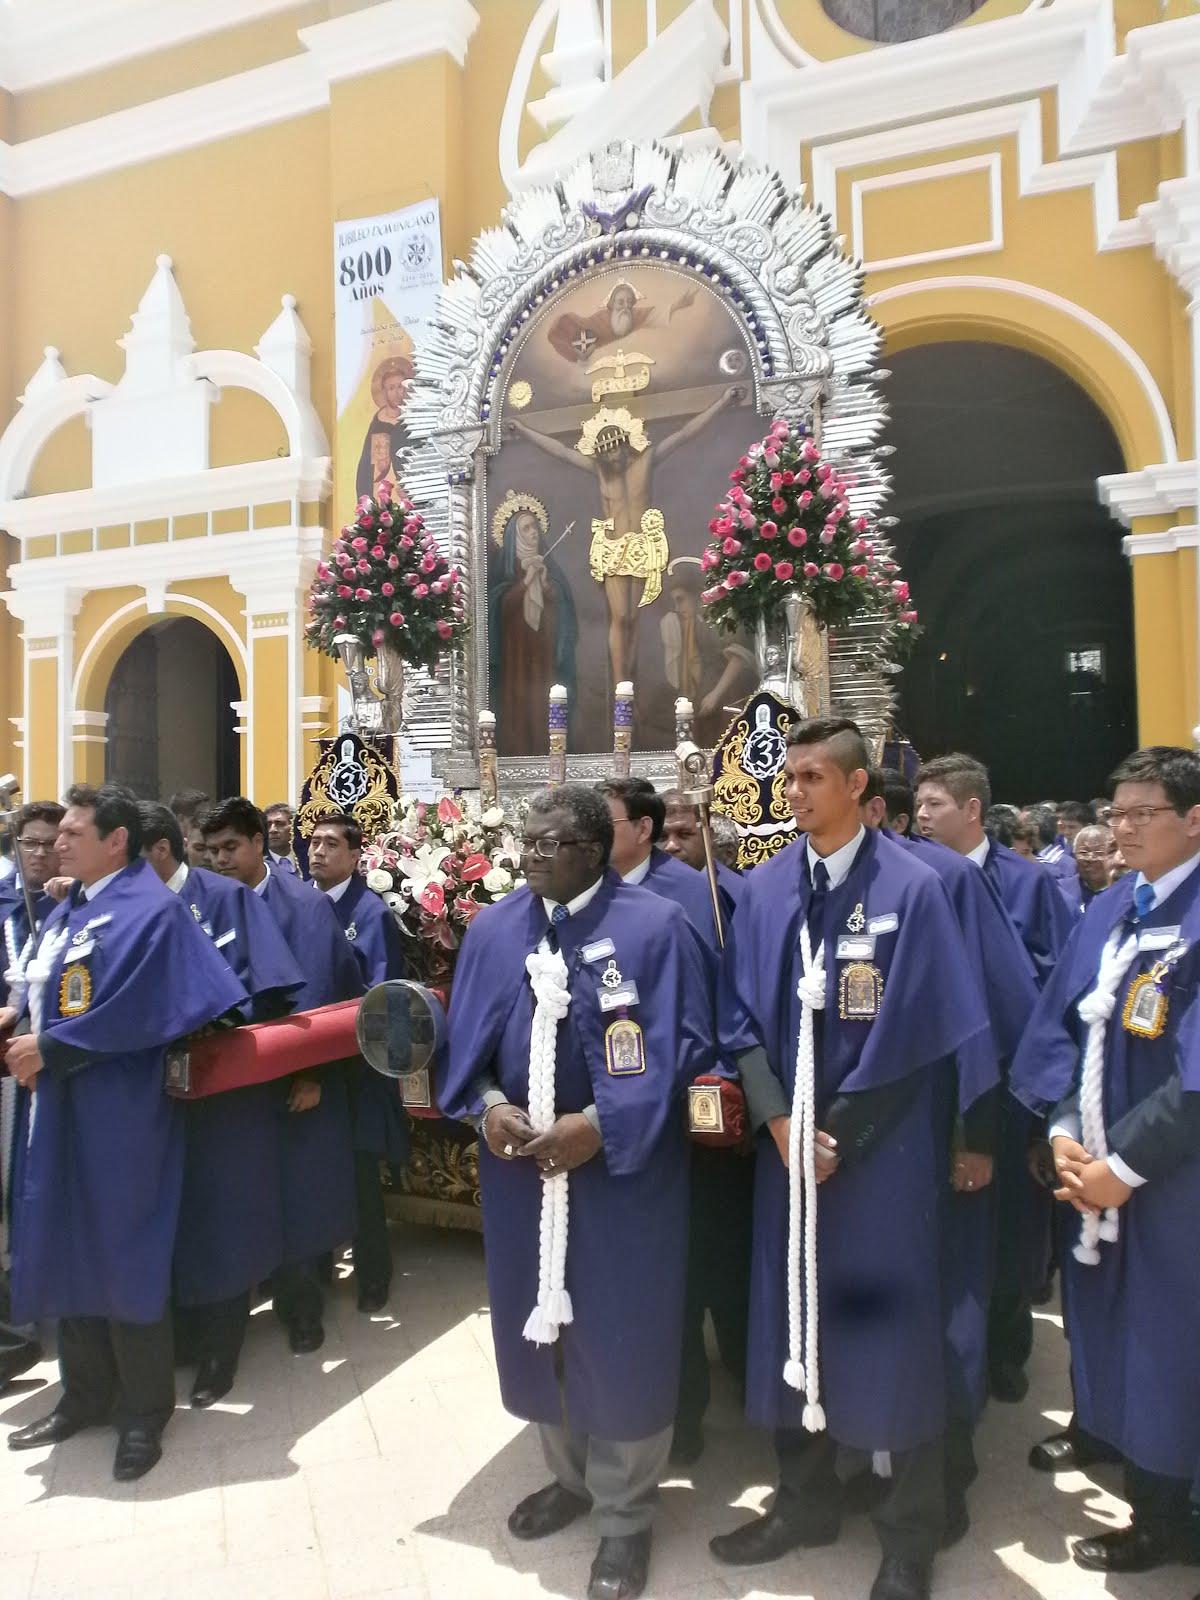 PROCESION DEL SEÑOR DE LOS MILAGROS DE TRUJILLO